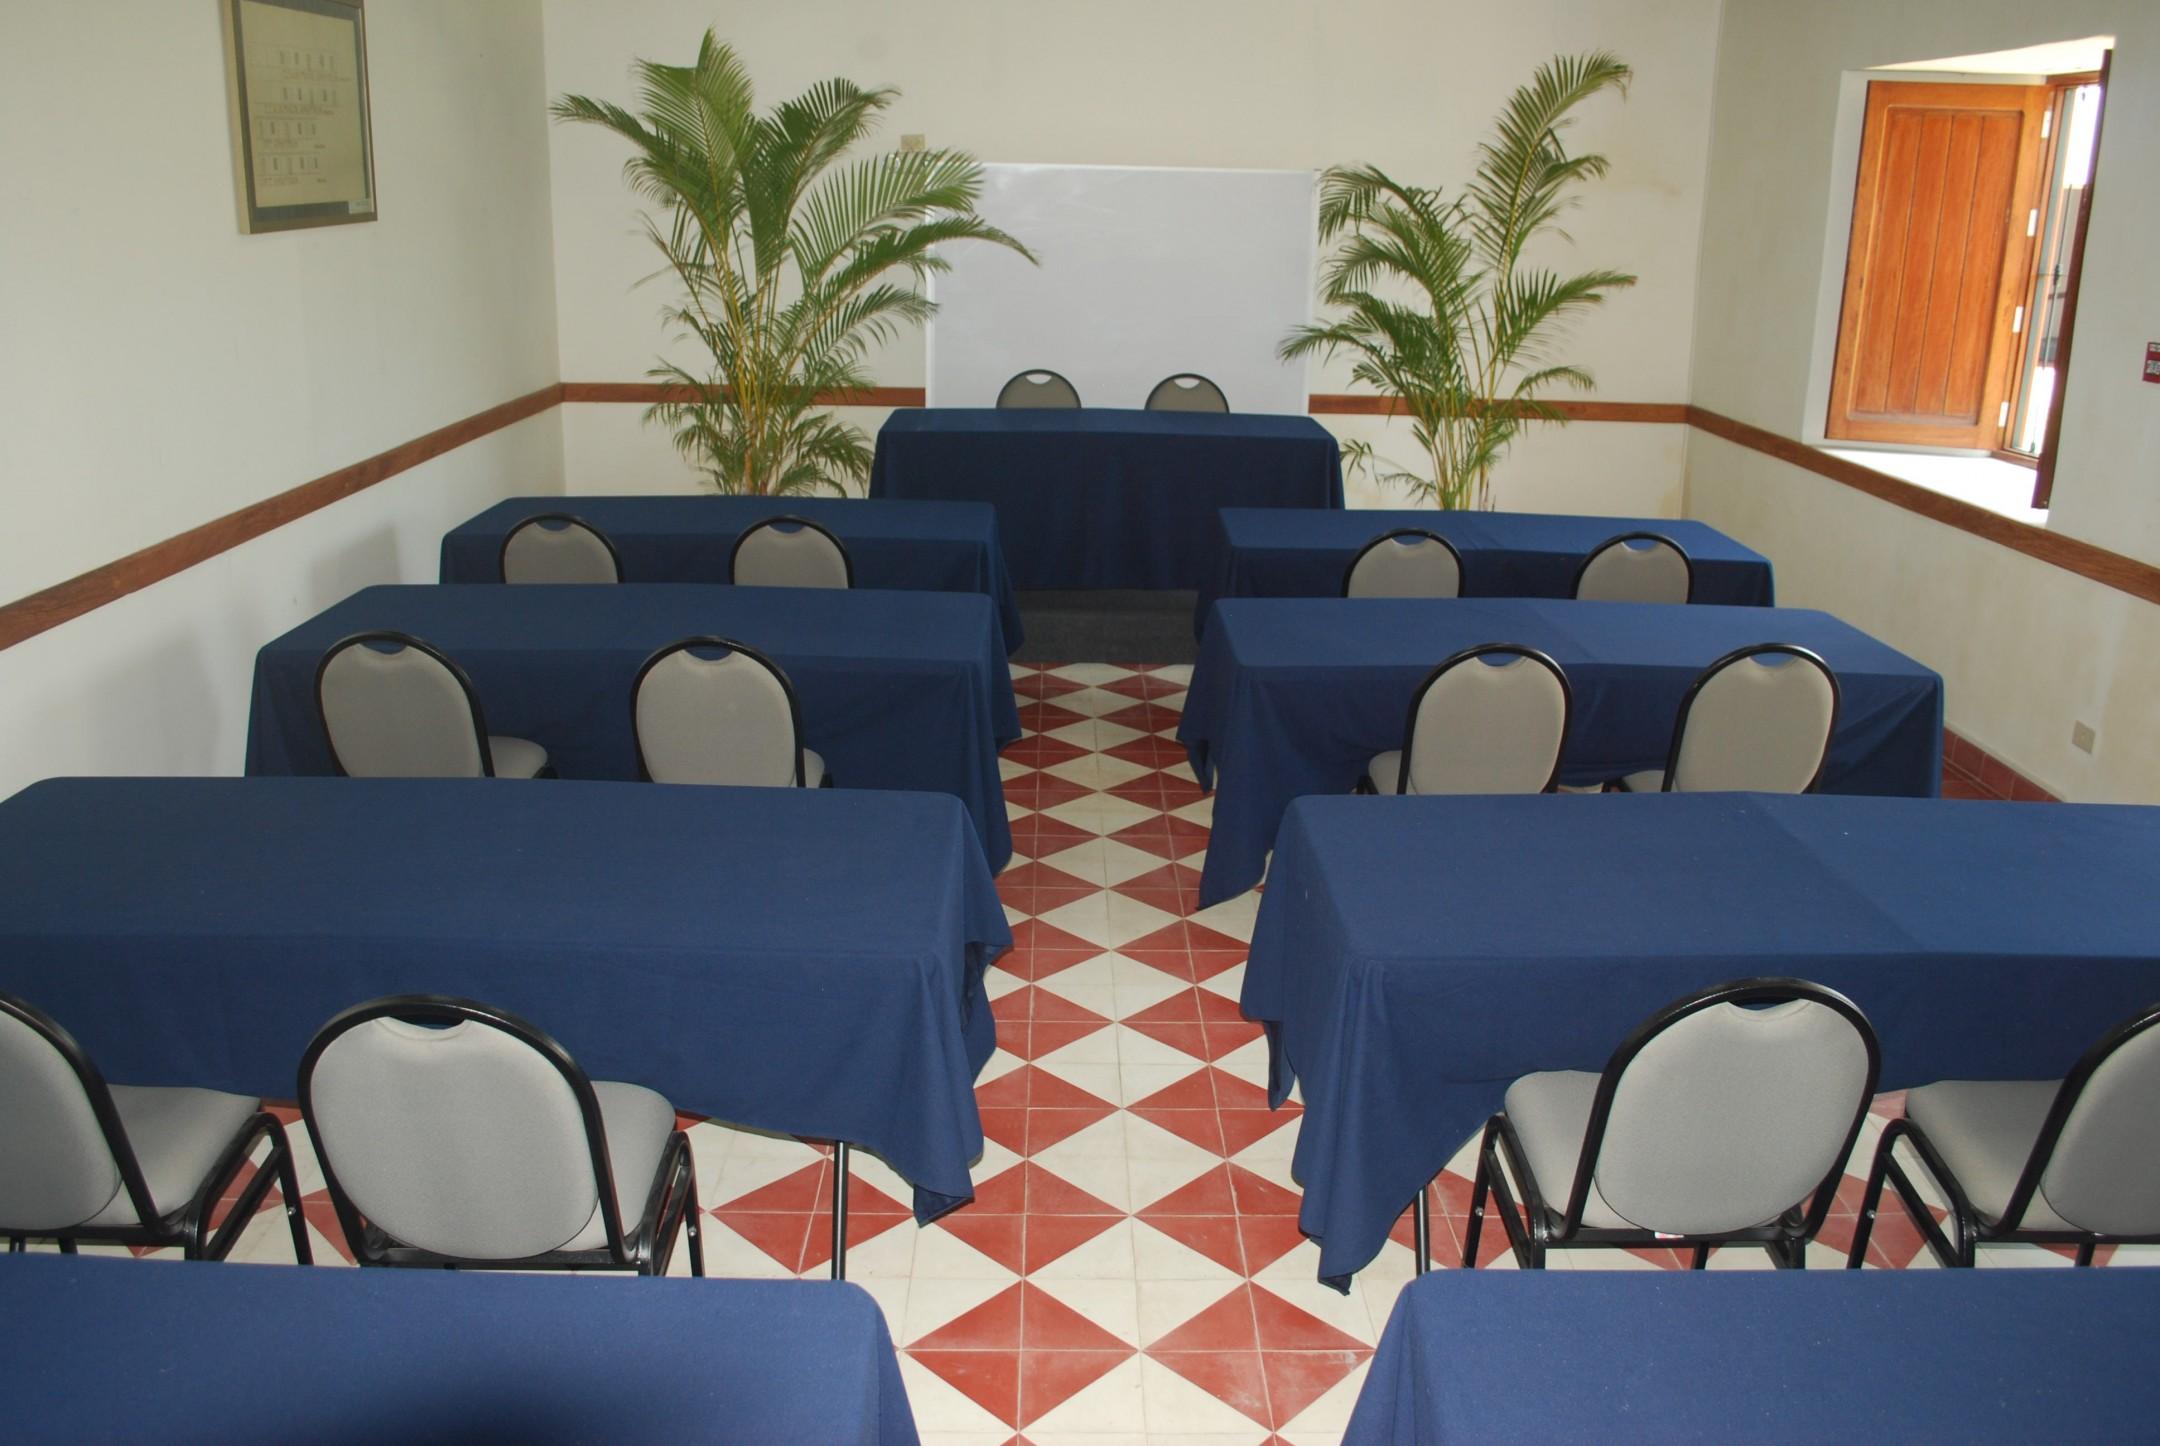 http://haciendabocanegra.com/images/chbn_HhQMtULM5J_large-1080_fC9KB.JPG